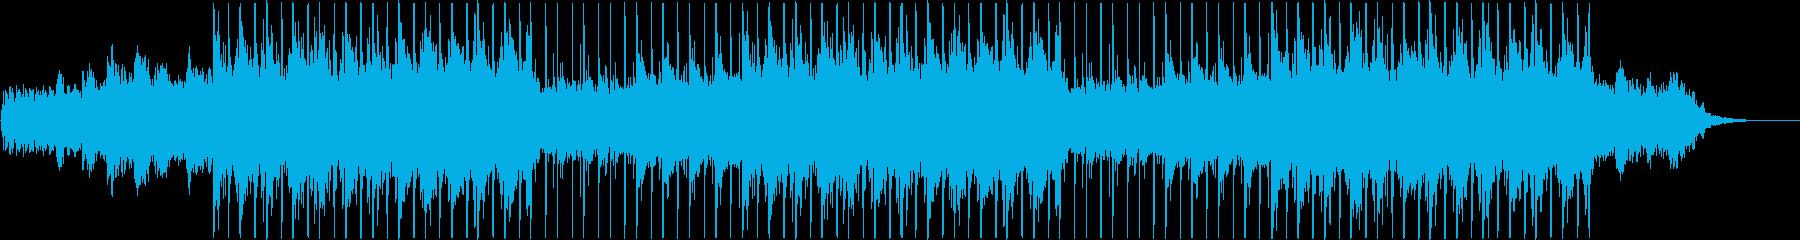 シンセサイザー、ピアノ、雰囲気のあ...の再生済みの波形